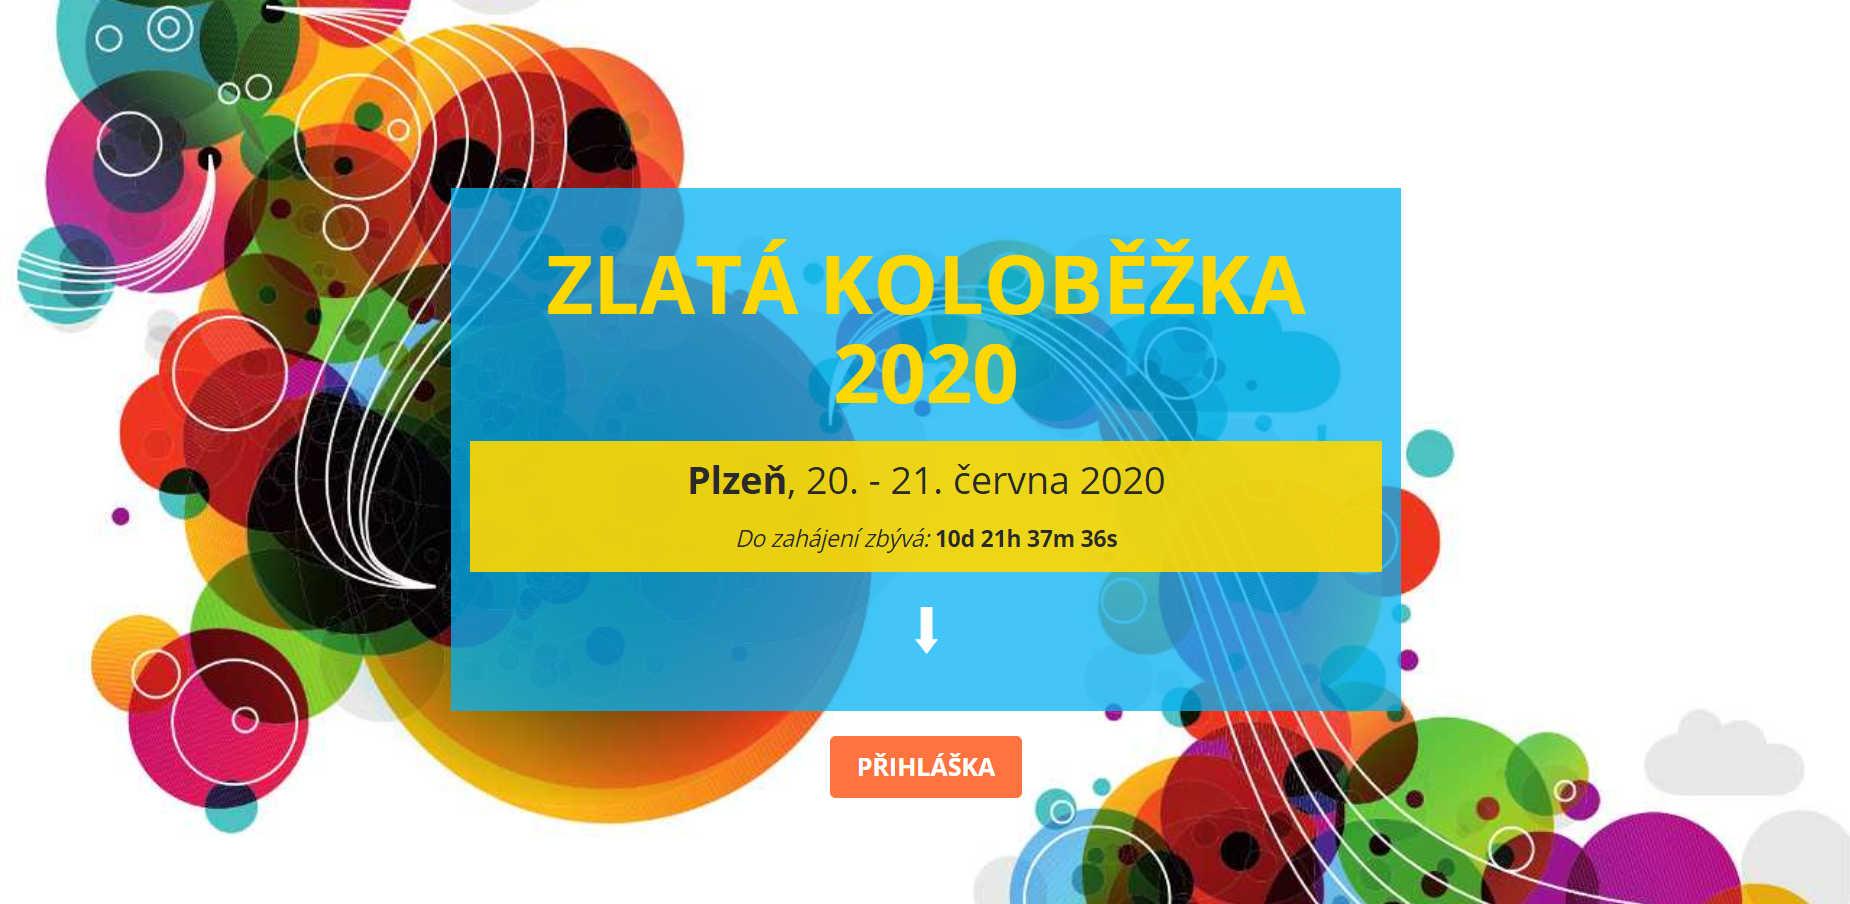 Rollo liga 2020 konečně začíná – přihlášky na Zlatou koloběžku otevřeny